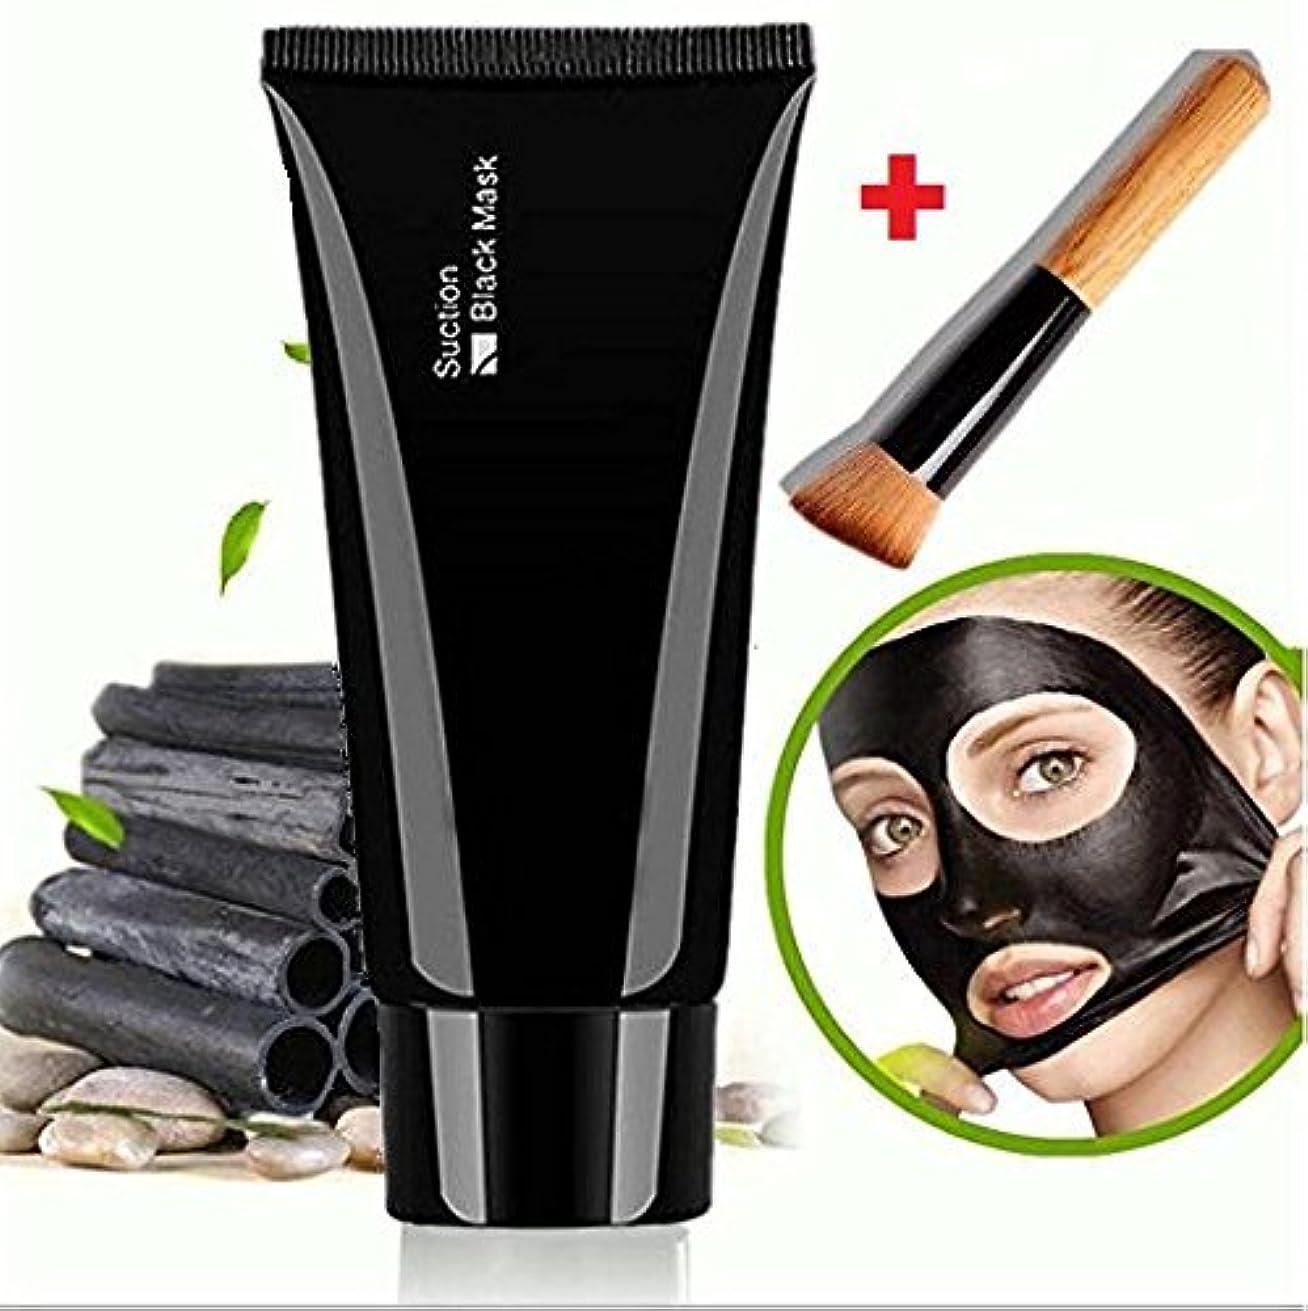 パンツ辞任ナビゲーションFacial Mask Black, Face Apeel Cleansing Mask Deep Cleanser Blackhead Acne Remover Peel off Mask + Wooden Brush